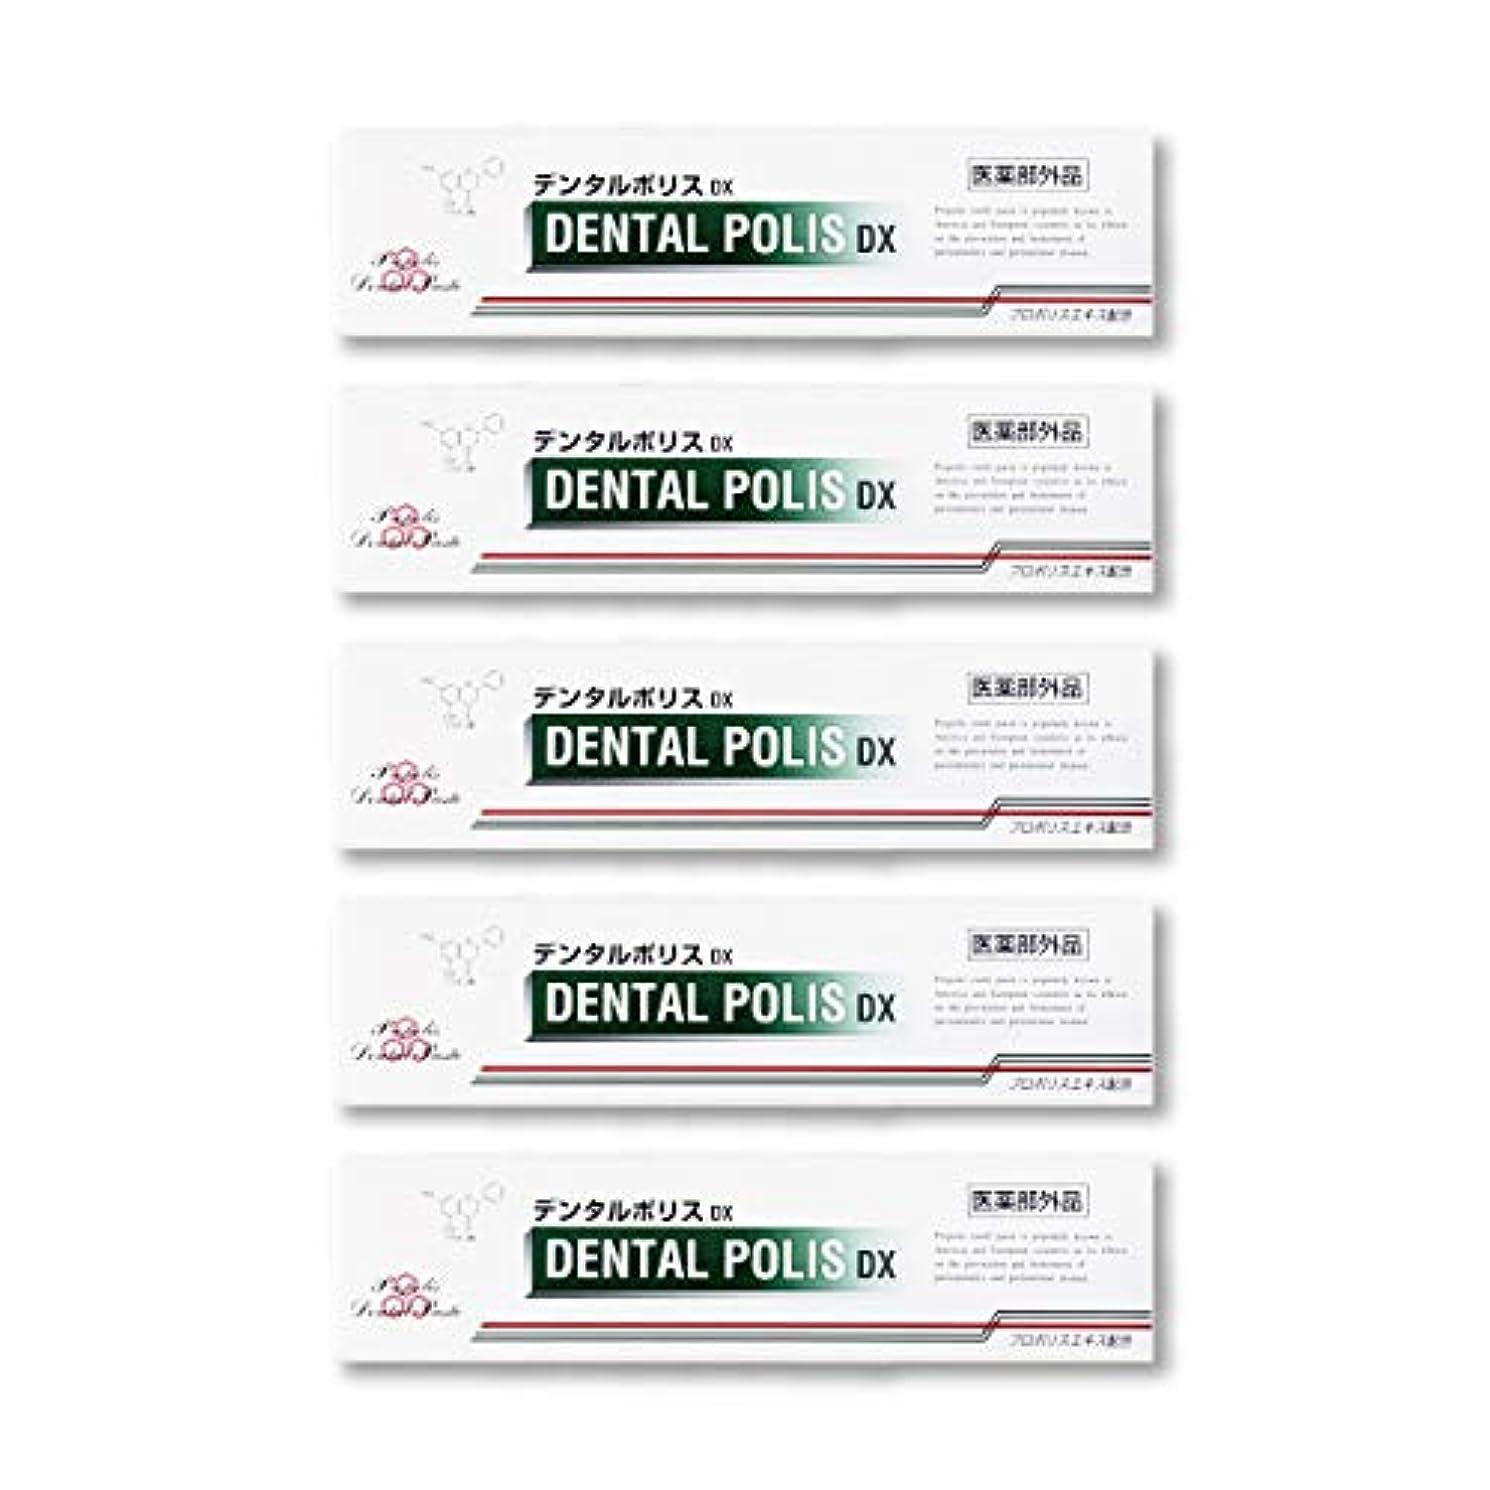 宙返りからに変化する香水デンタルポリスDX  80g   5本セット 医薬部外品  歯みがき